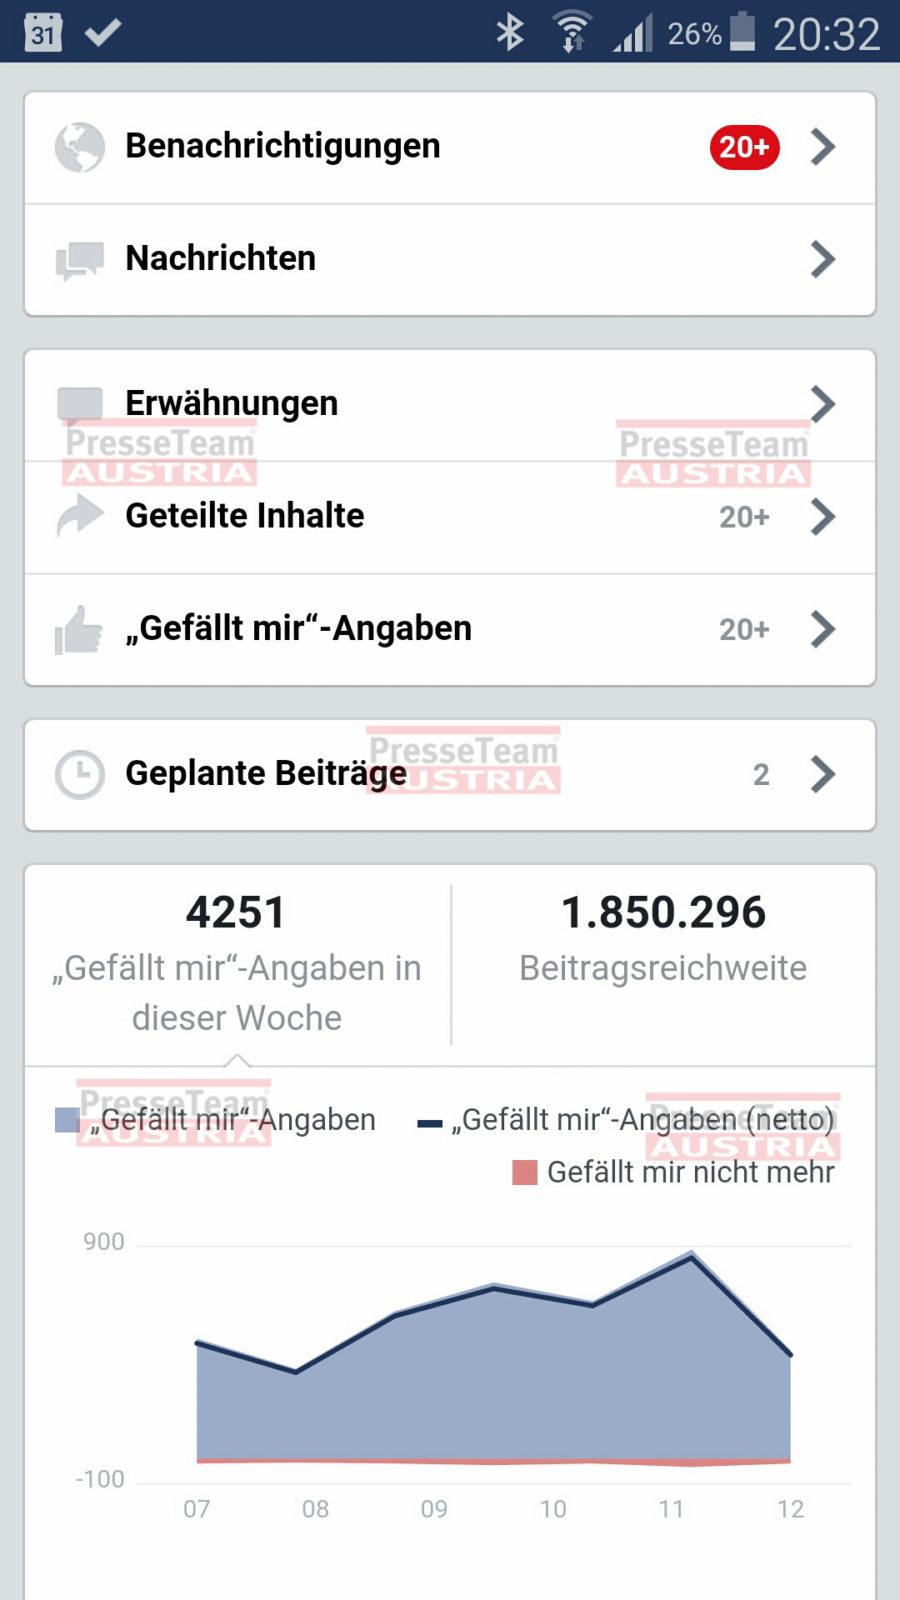 Facebook Marketing Schulung 46 - 10.730.101 Reichweite mit Facebook-Marketing: Der sichere Weg zu Ihrer Zielgruppe!